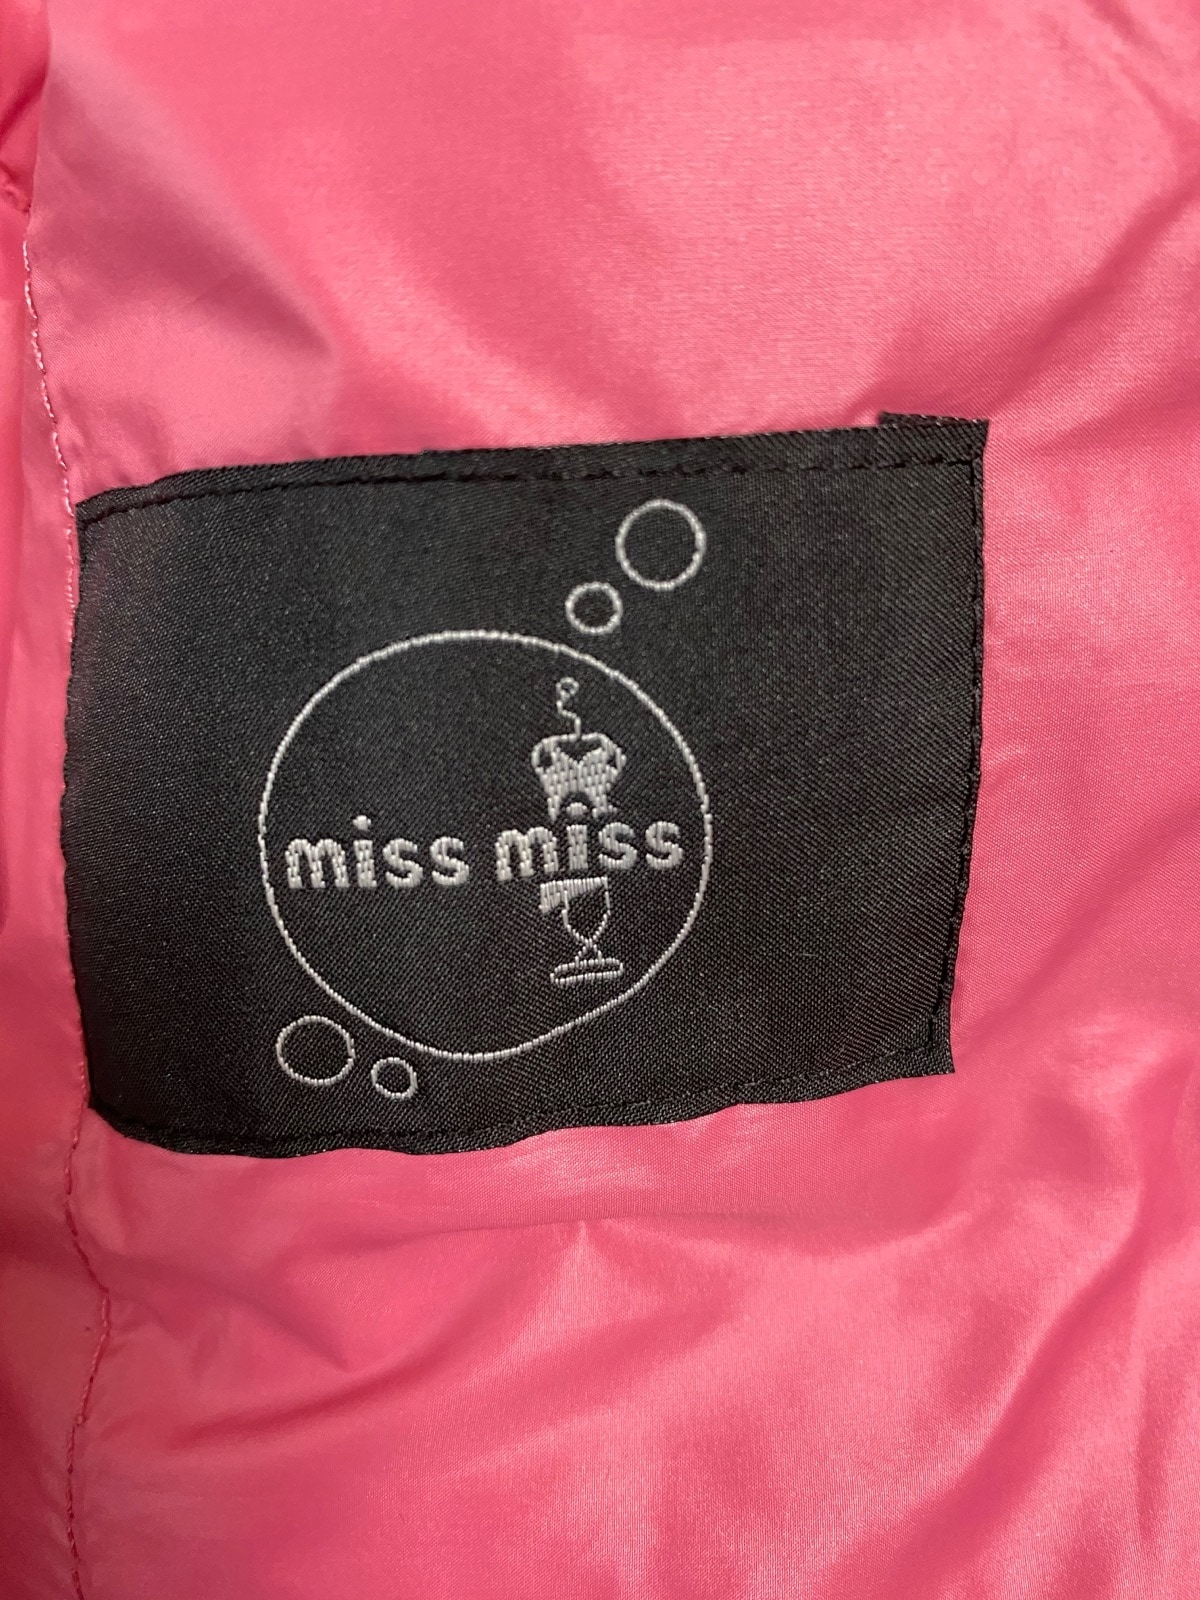 miss miss(ミスミス)のダウンジャケット